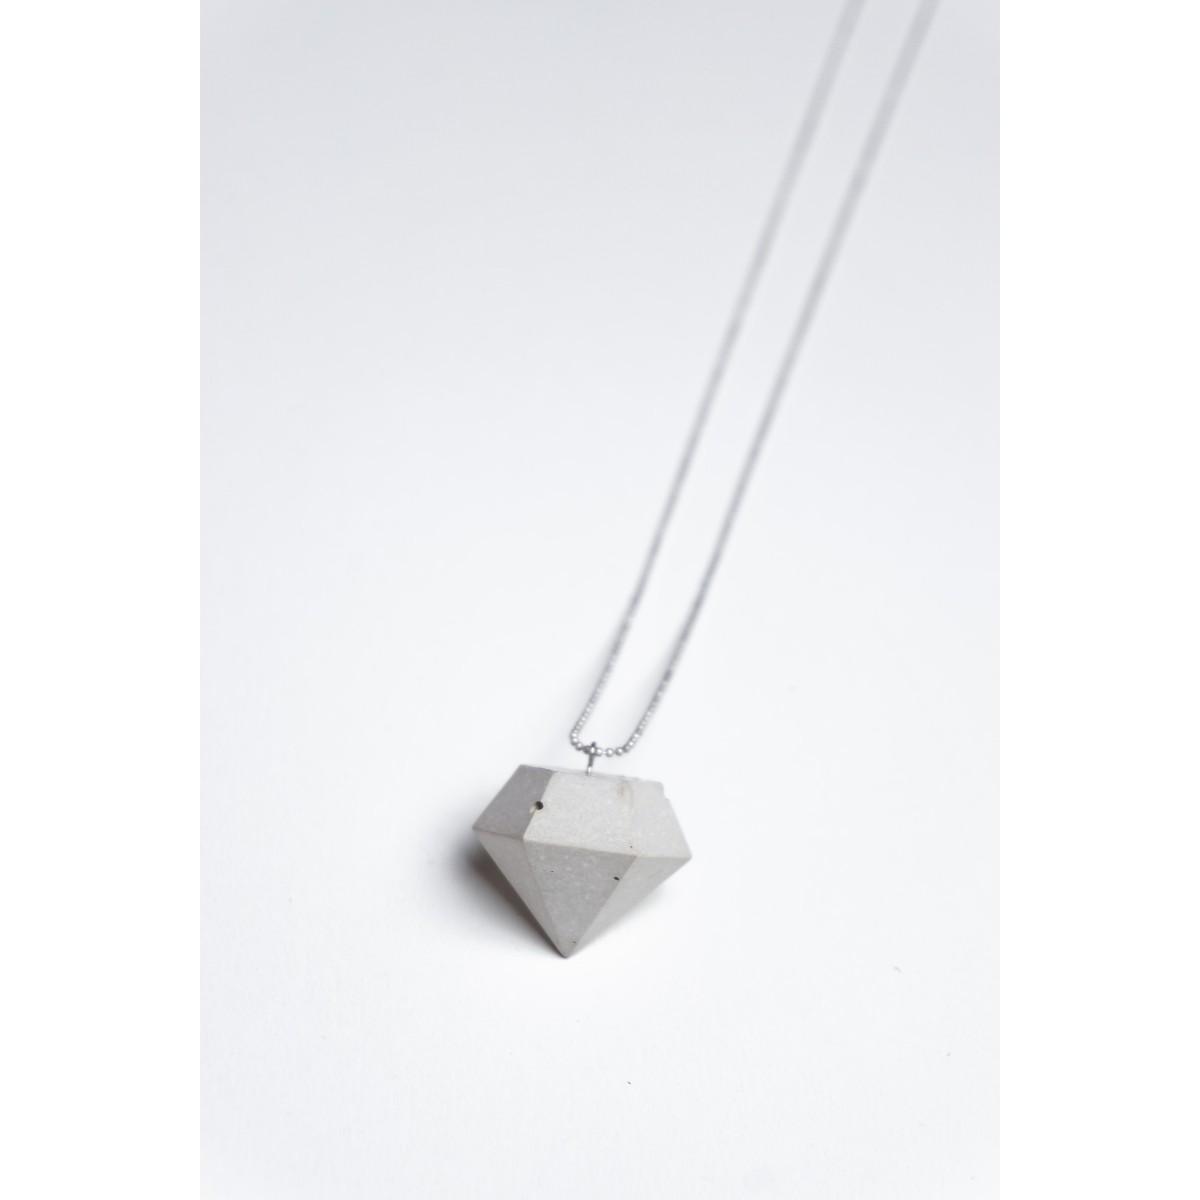 Klunkergrau Betonschmuck | Dicker Klunker - Diamant aus Beton